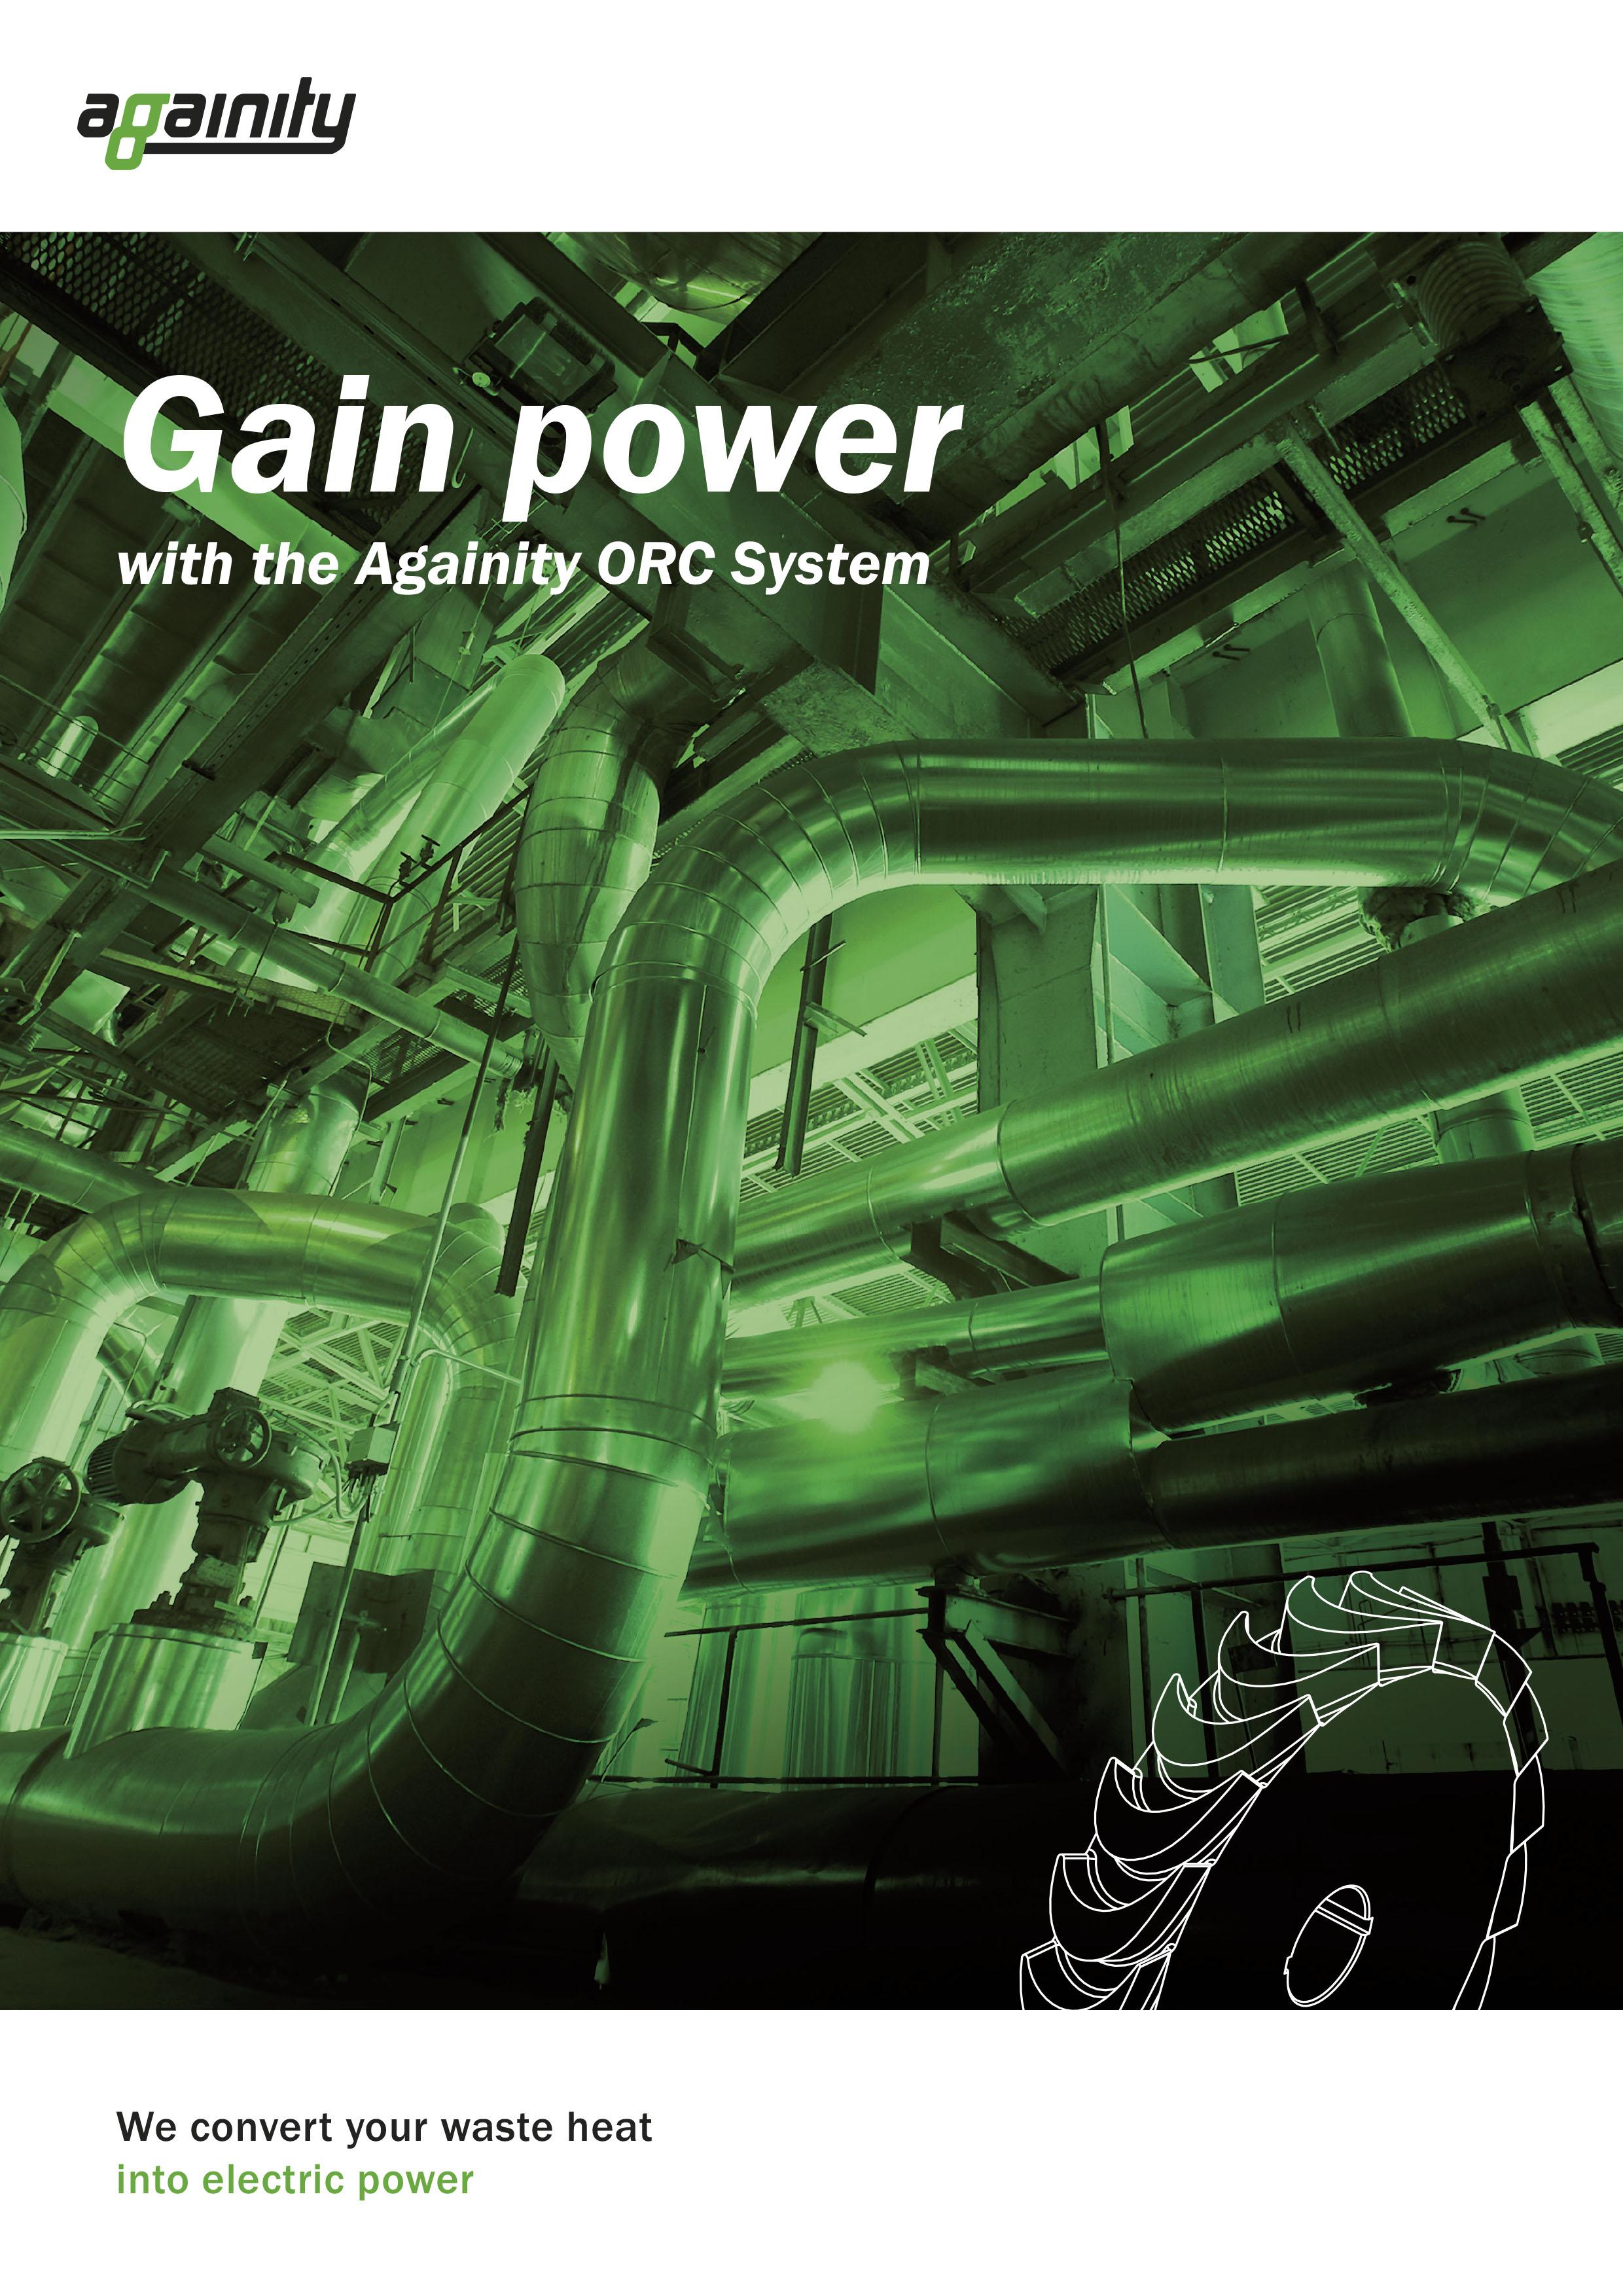 againity_brochure_industries_002_EN_Gain_power_2017_10_171005.indd